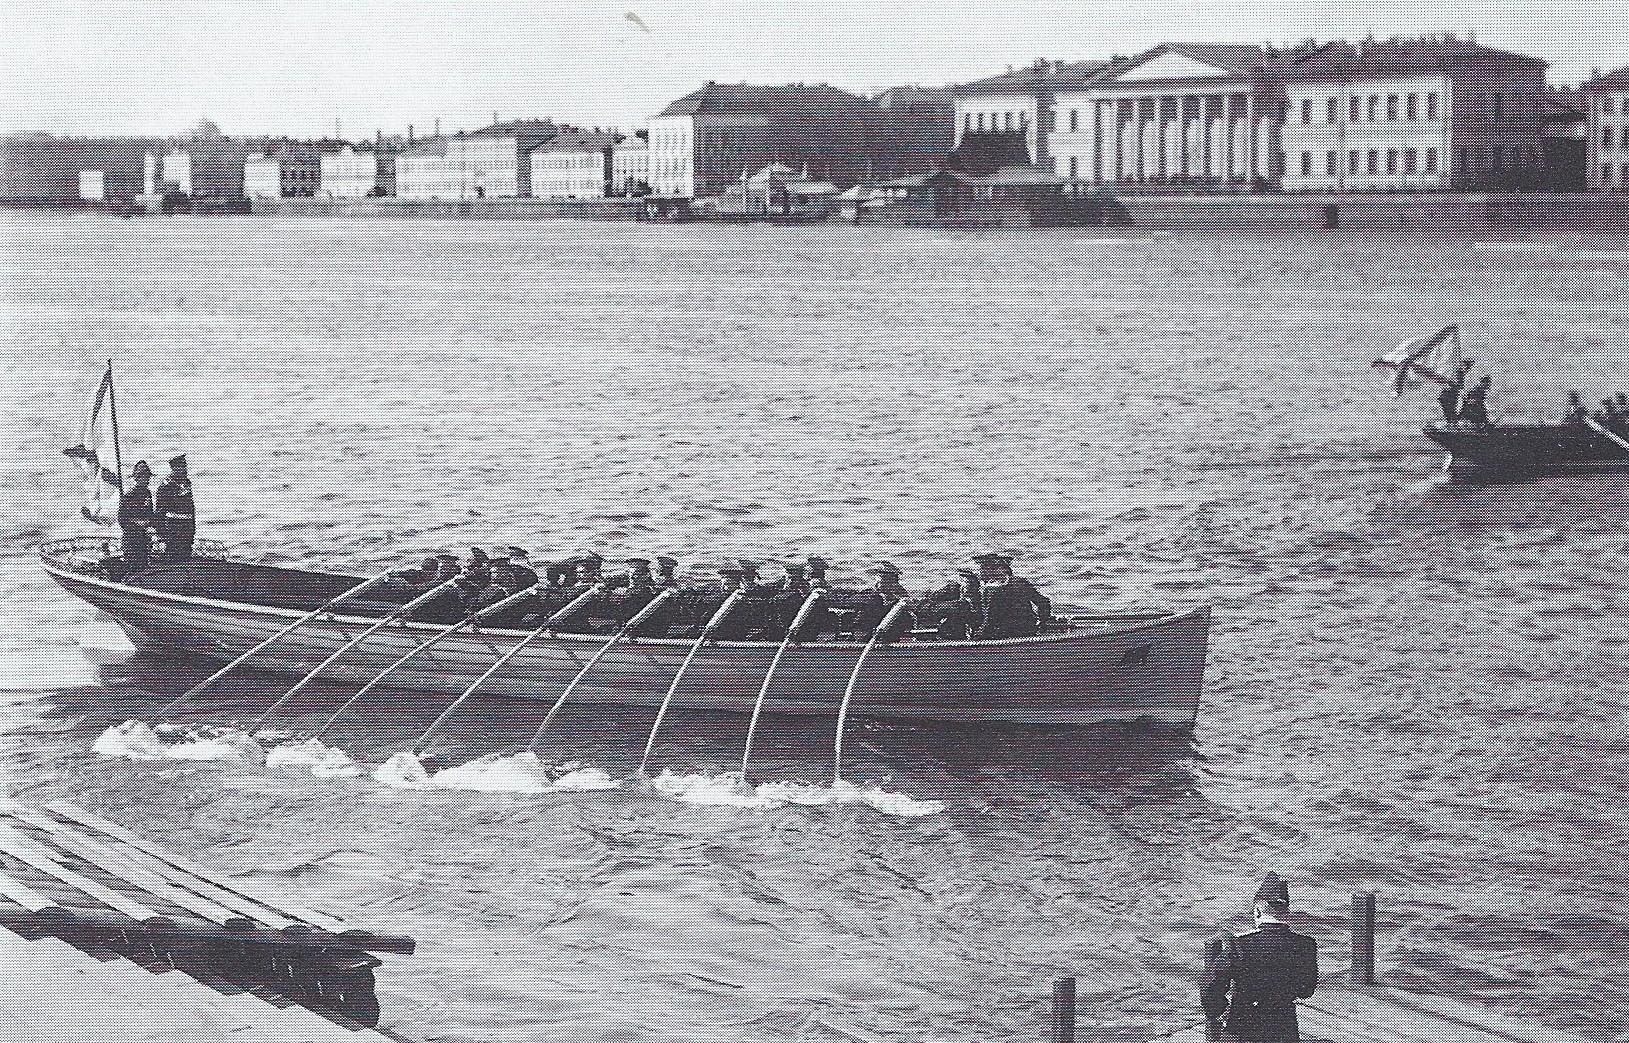 1912. Празднование дня открытия навигации. 16-весельный баркас на Неве 8 апреля